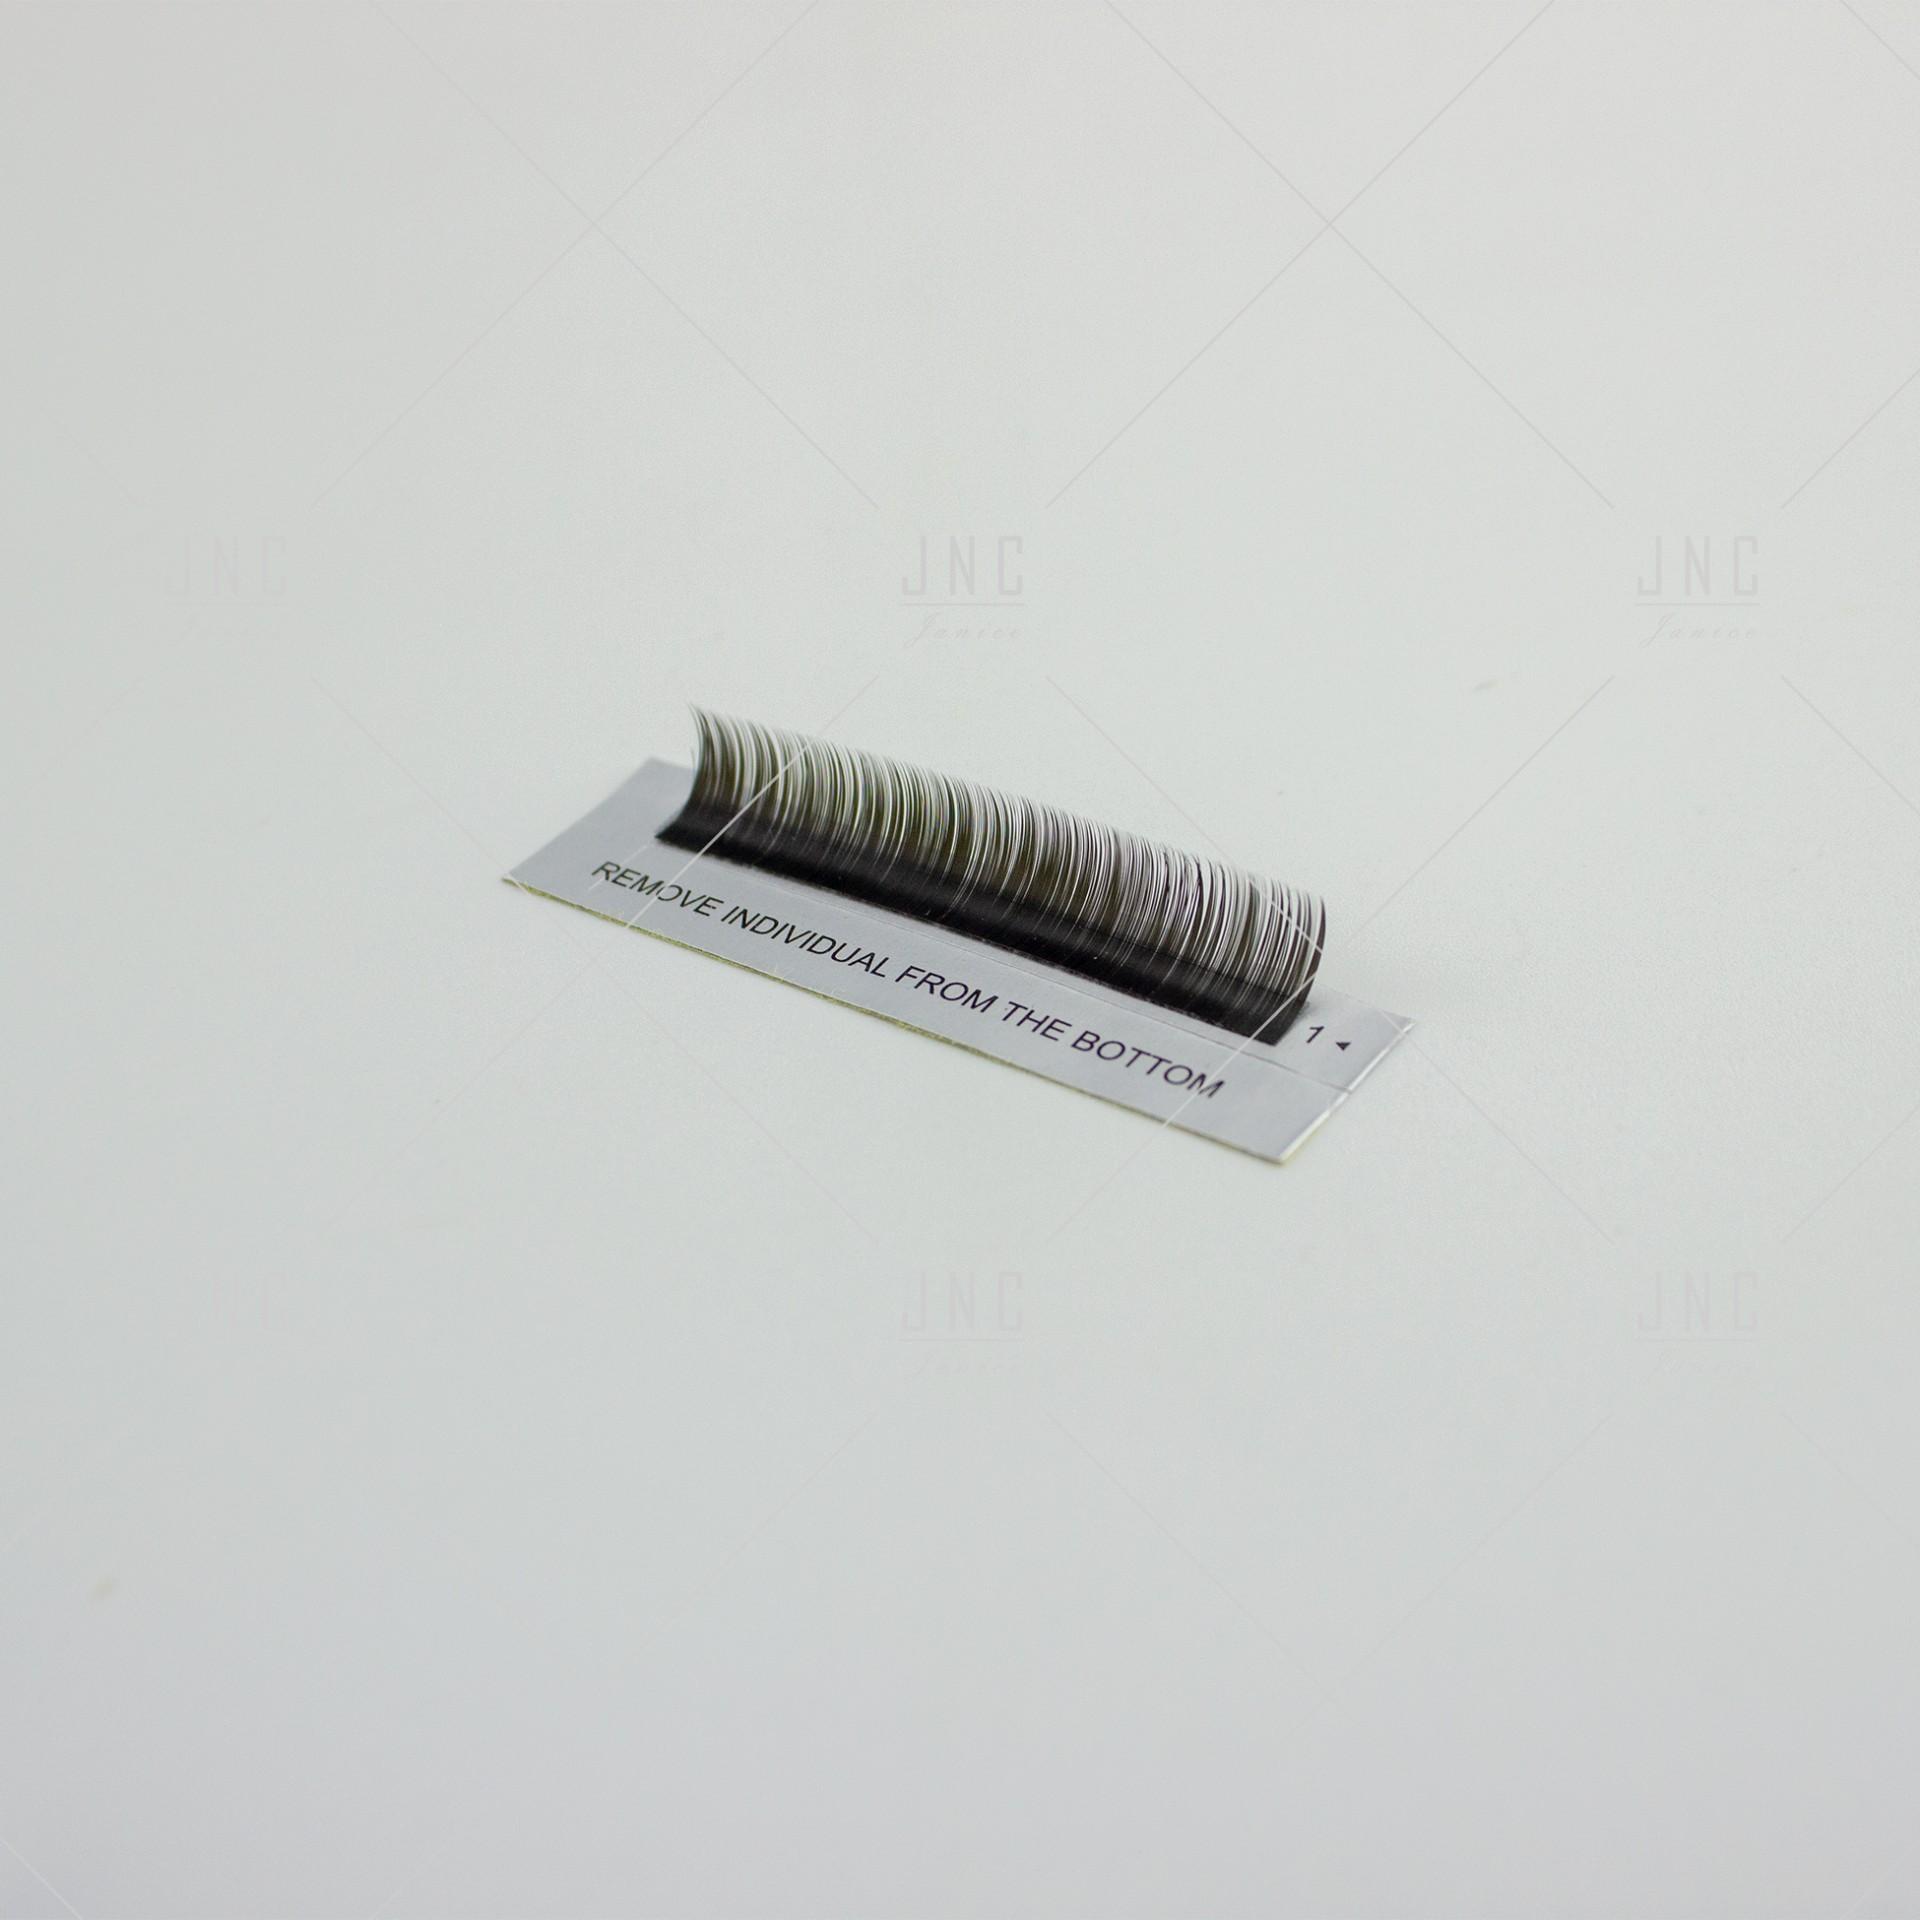 Extensão de Pestanas JNC | 0.07C - 9mm | Ref.861263